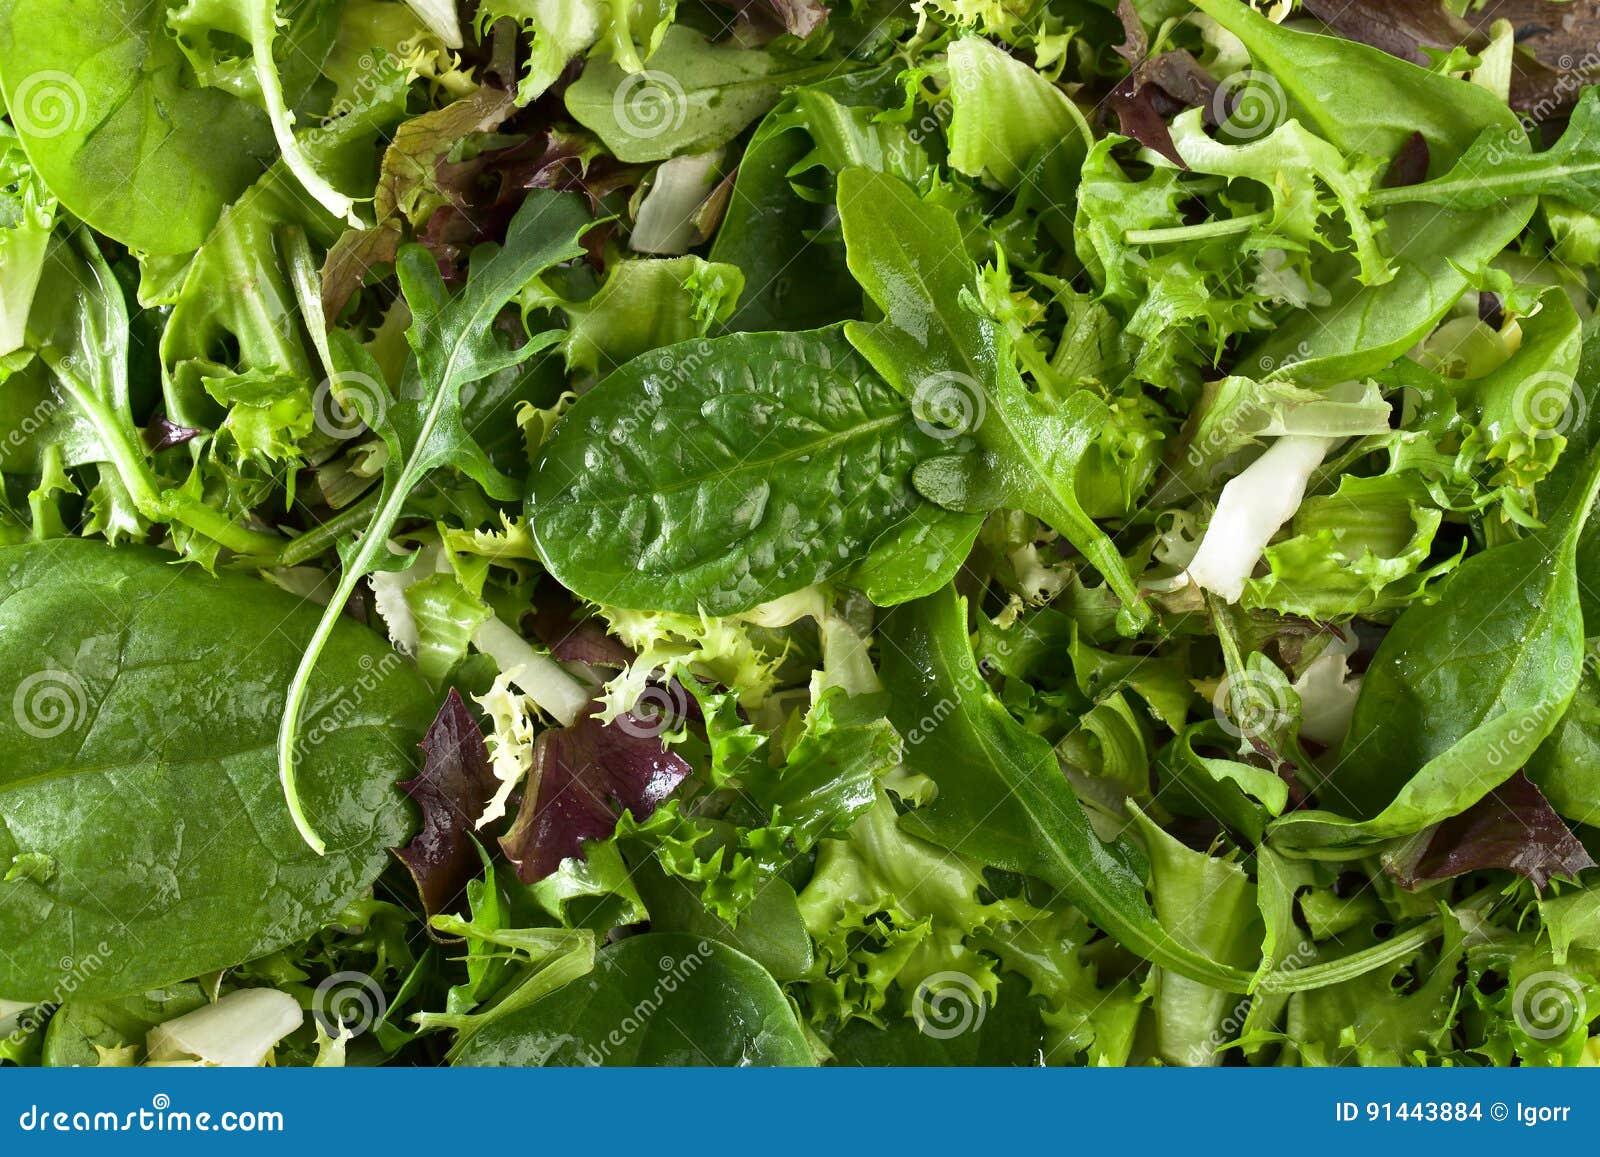 Verse groene salade met spinazie, arugula en sla